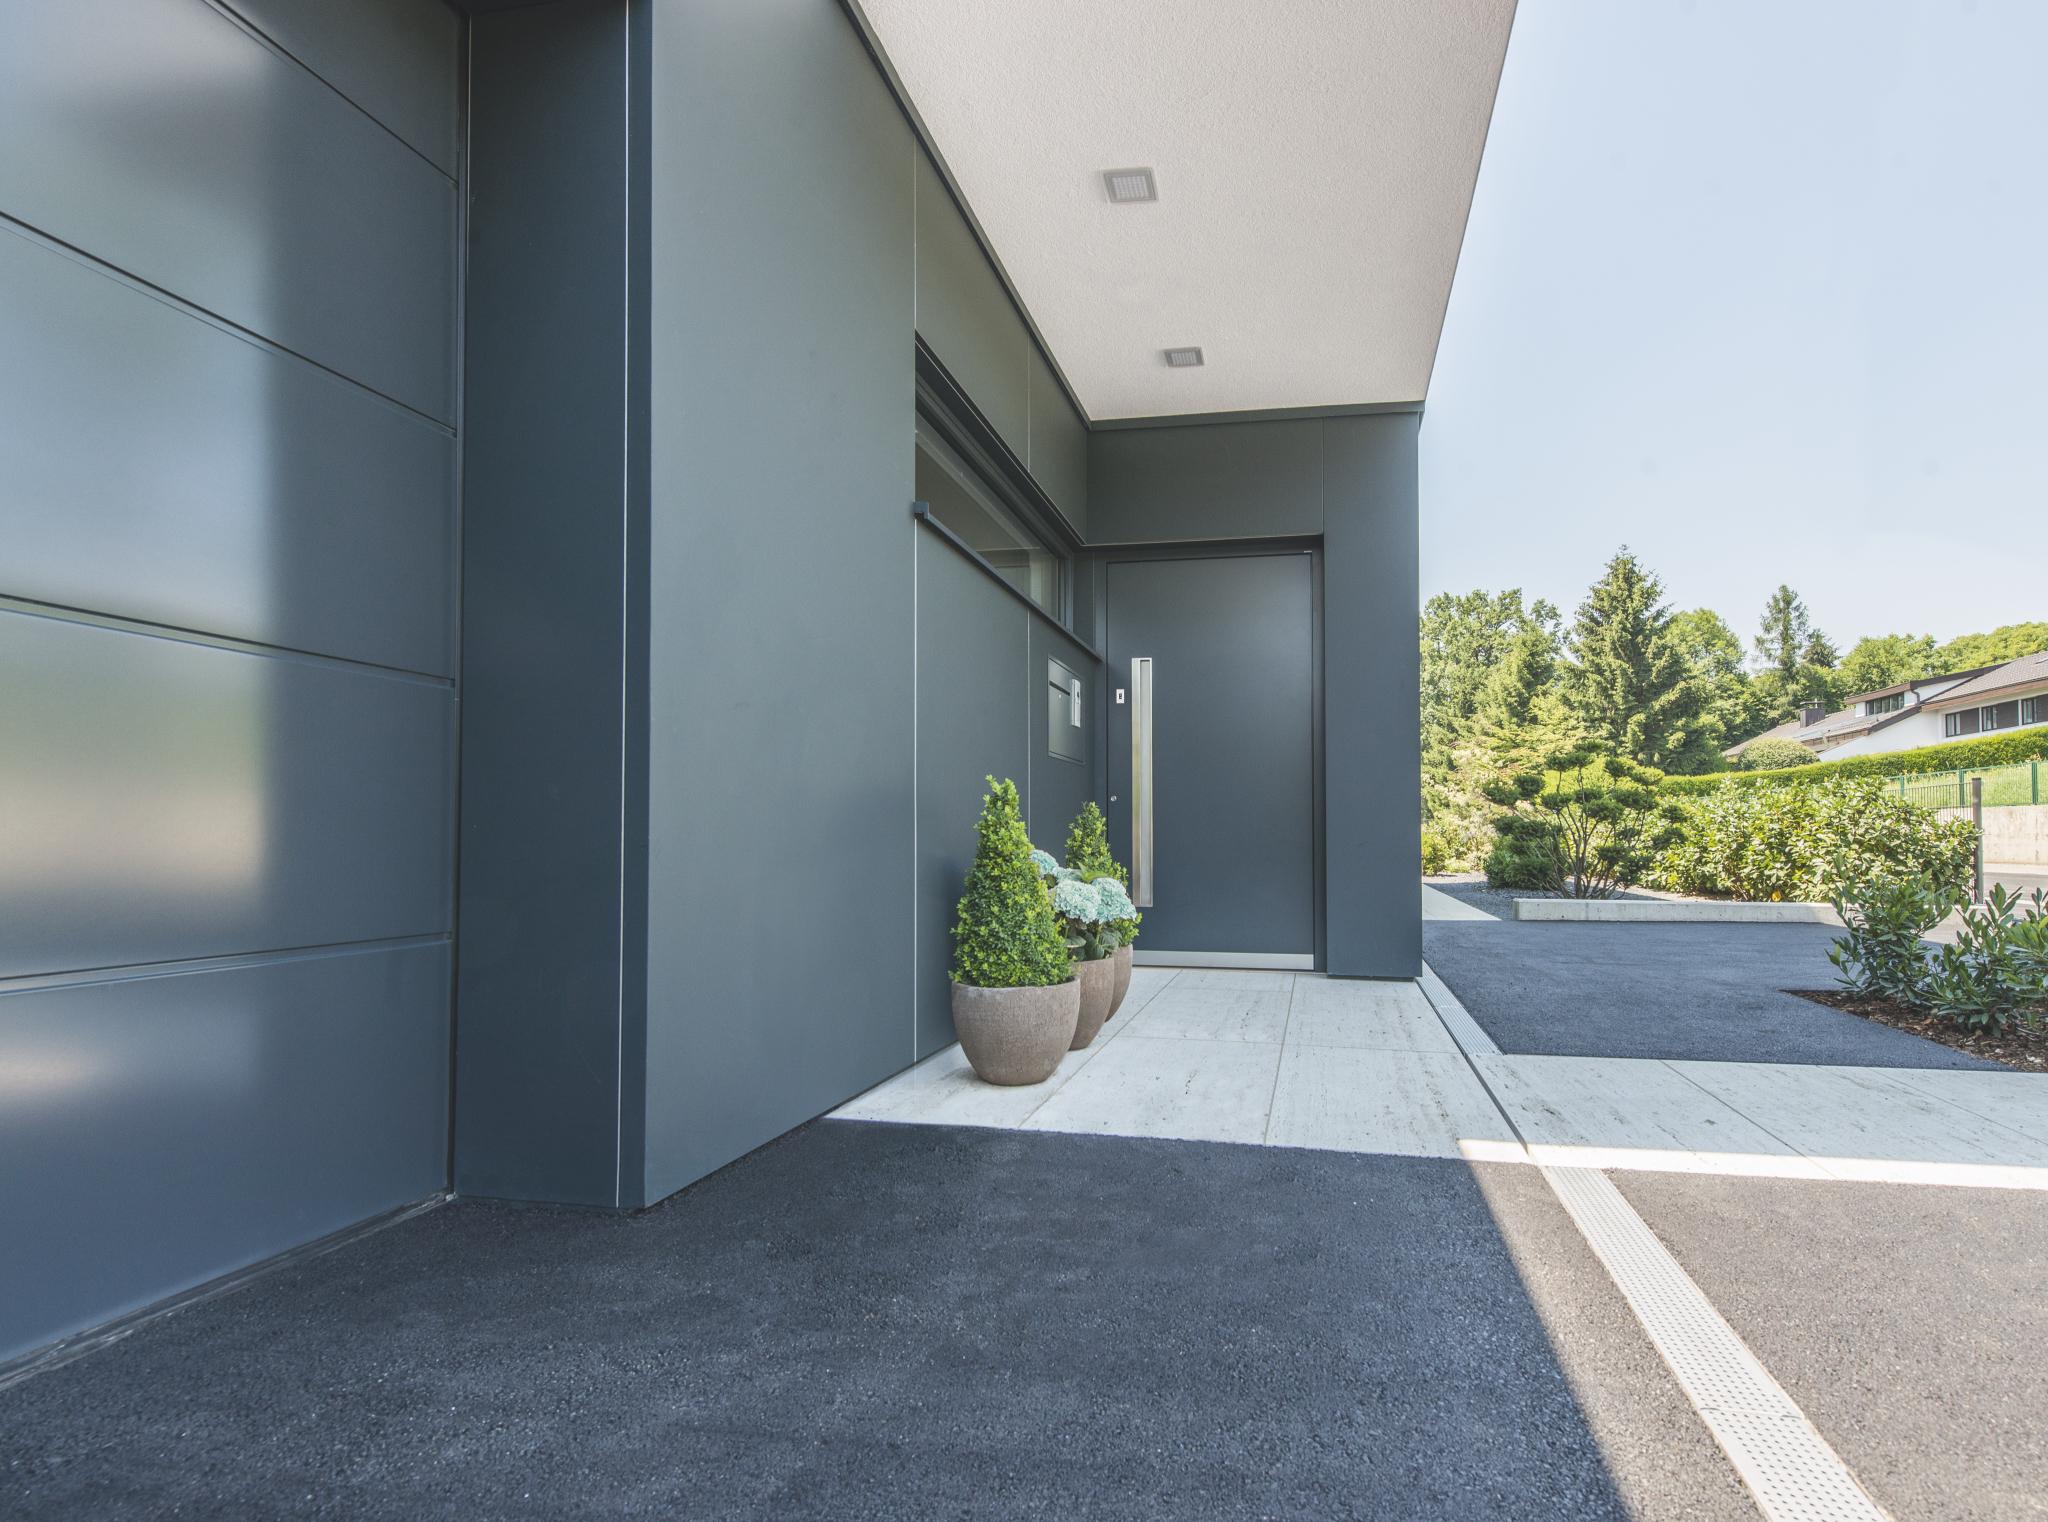 Bezpečnostní vchodové dveře Internorm u moderního domu